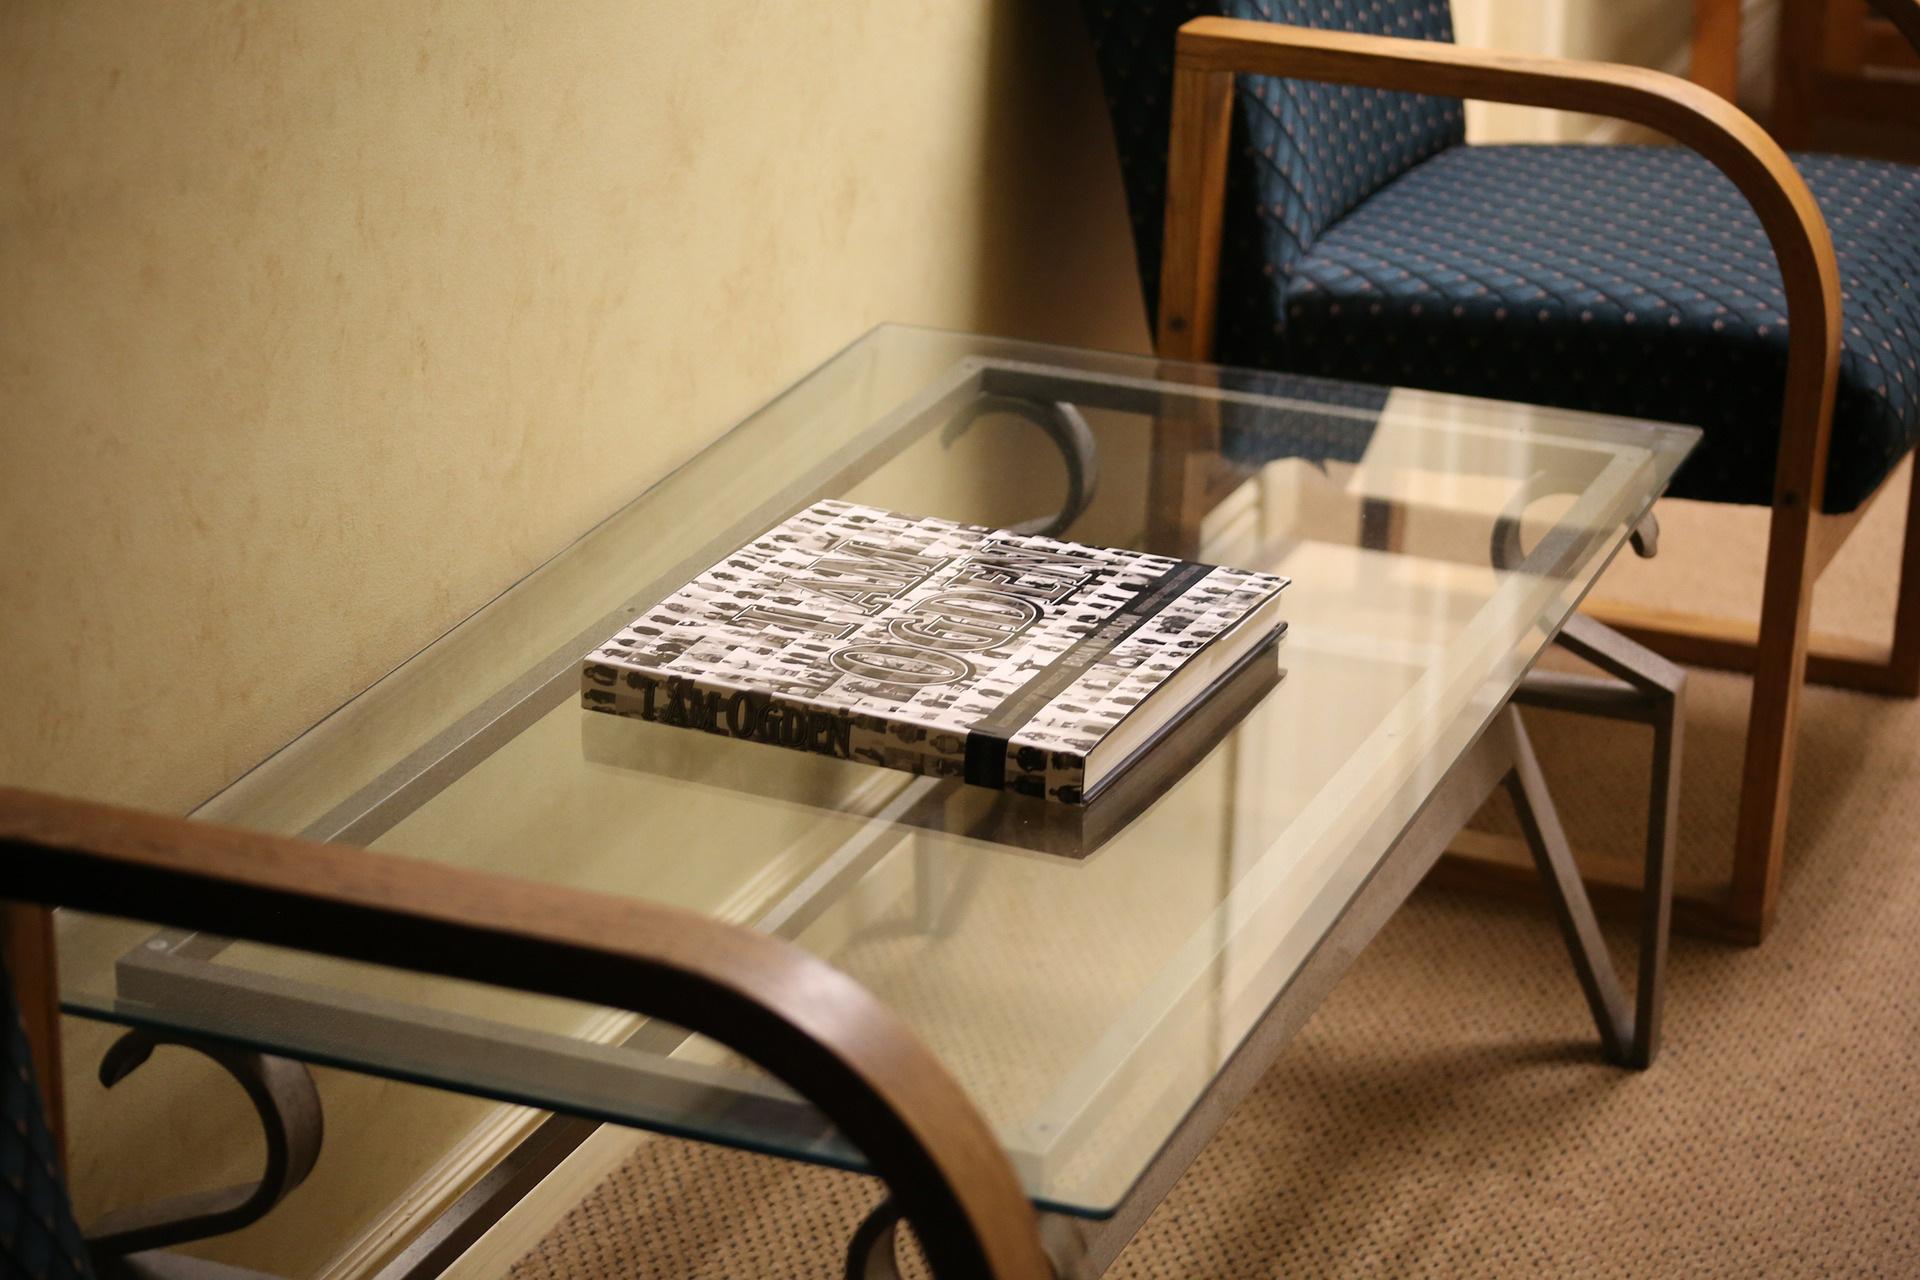 Comment nettoyer une table en verre nanoprotection - Nettoyer une table en verre sans trace ...